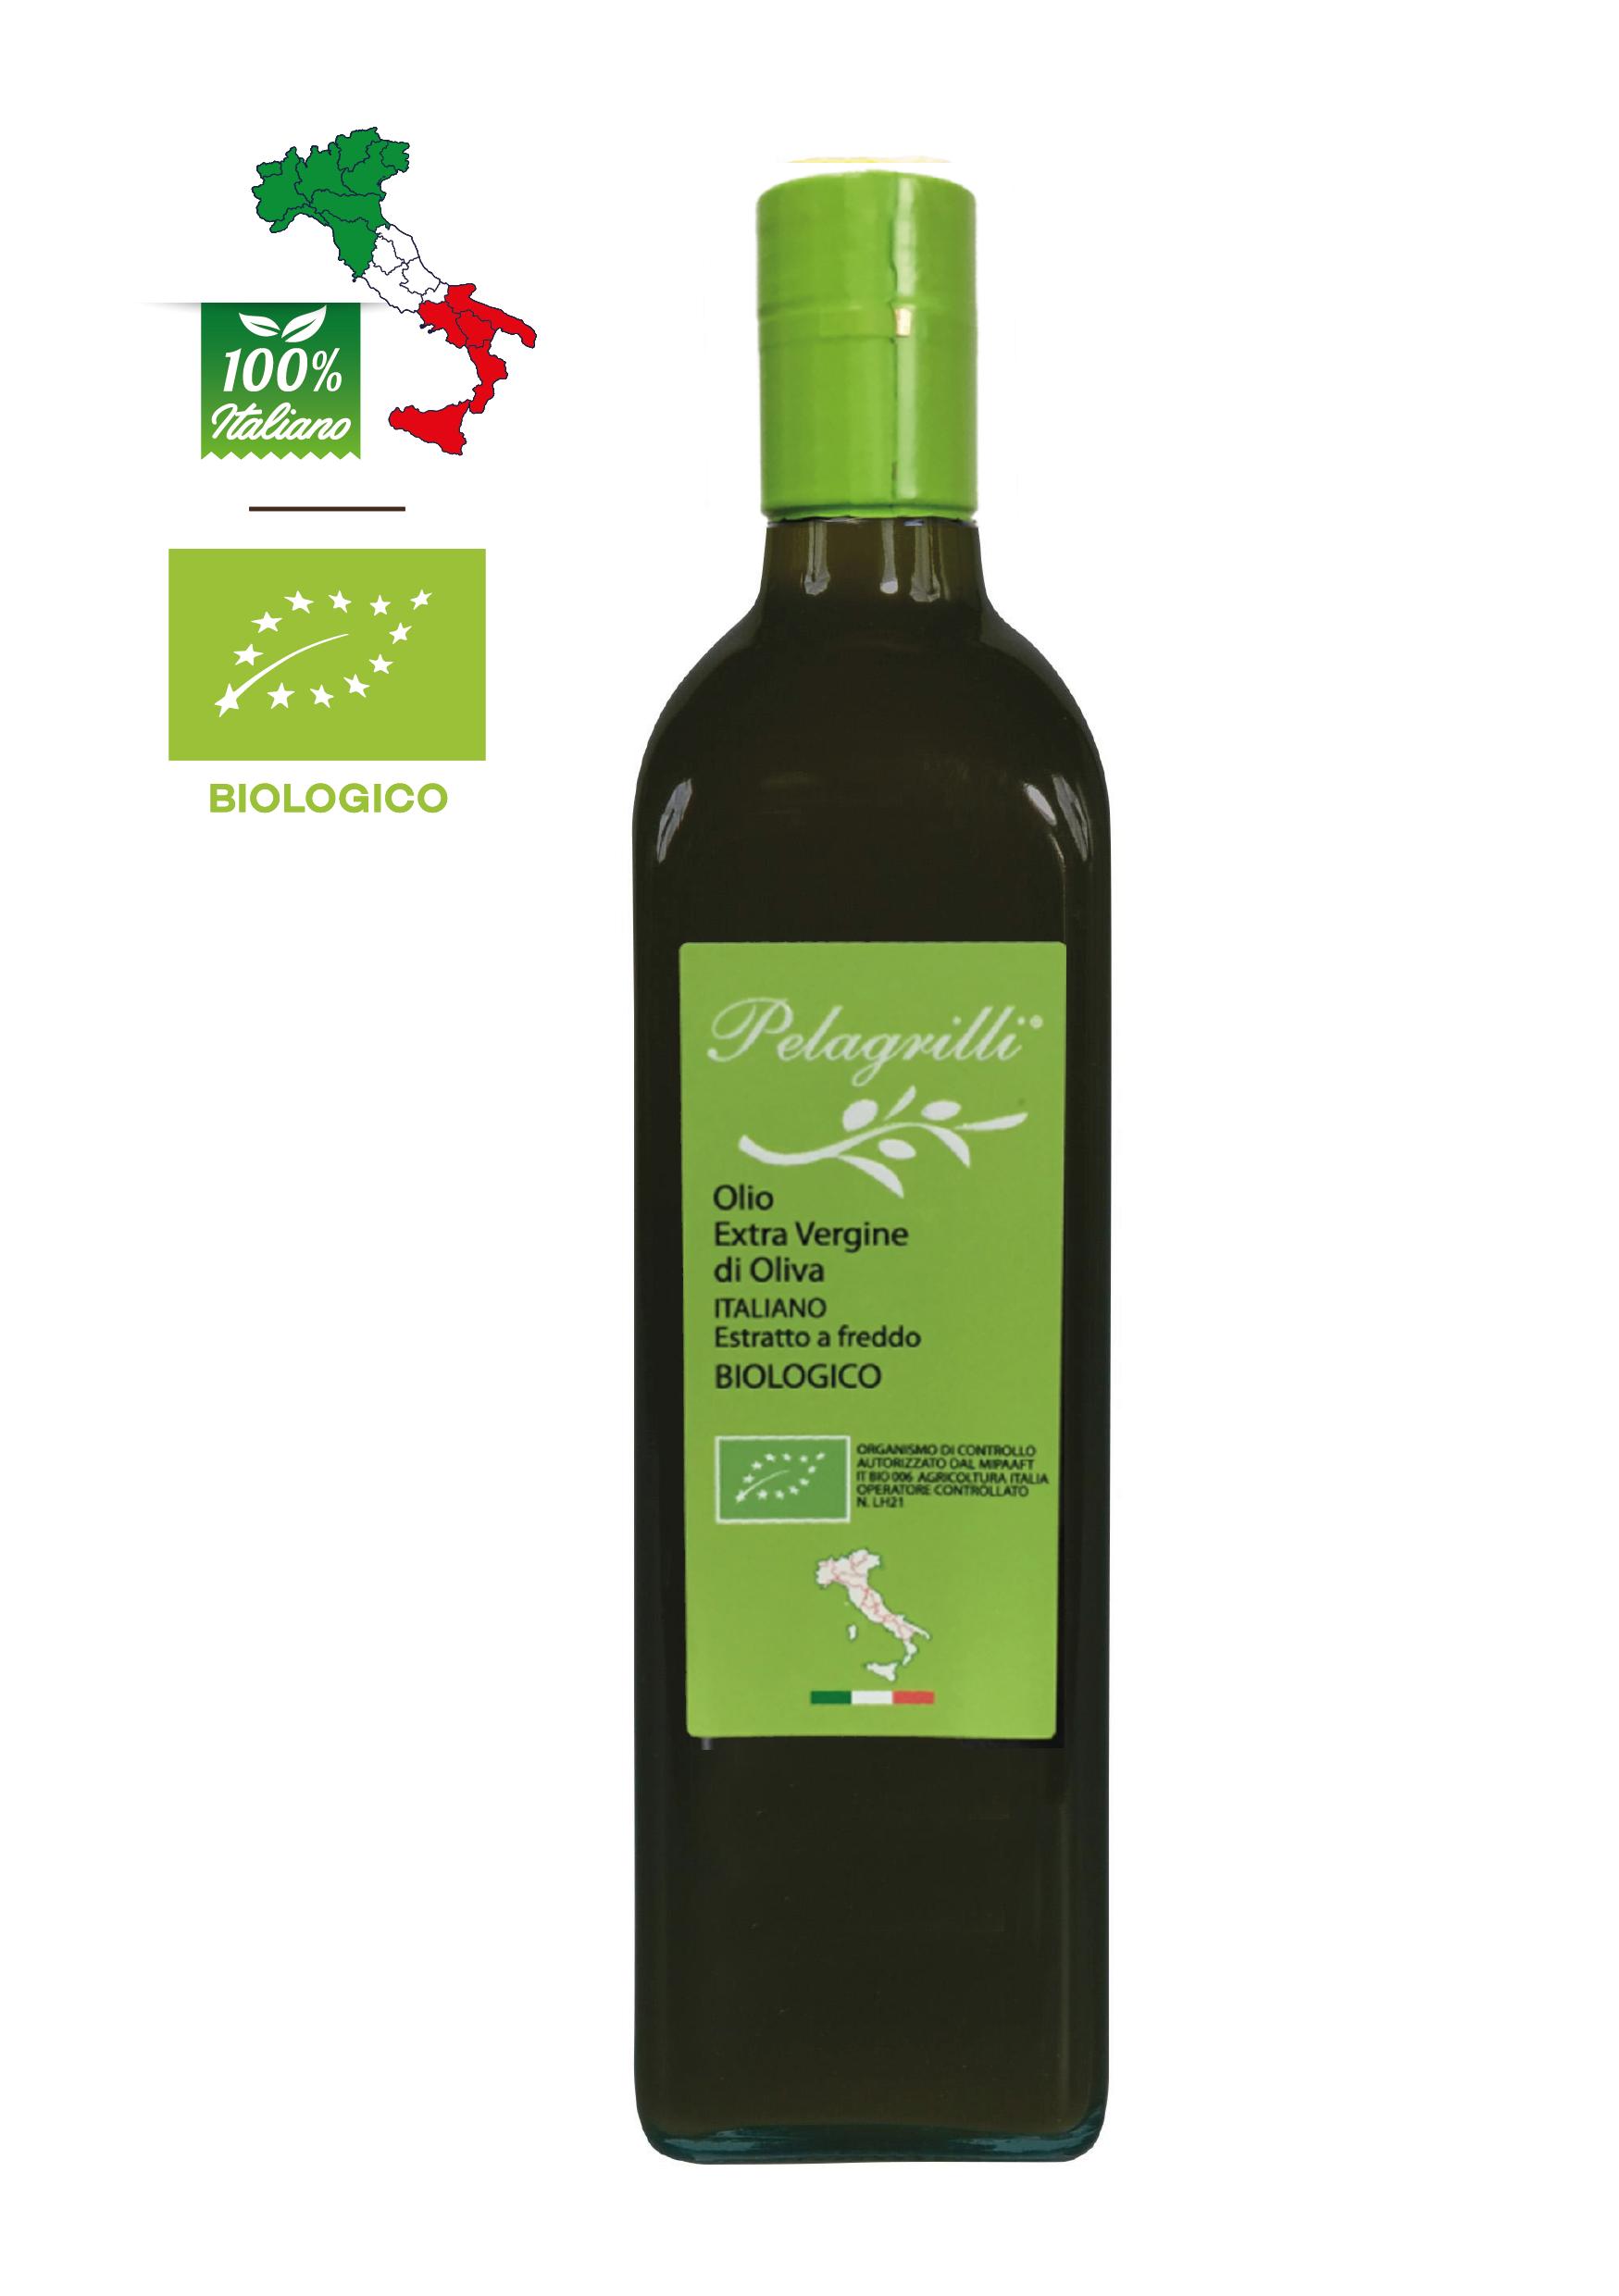 BIOLOGICO 100% ITALIANO LT 0,75  Olio extravergine di oliva- Raccolto 2020-2021- estratto a freddo - FILTRATO